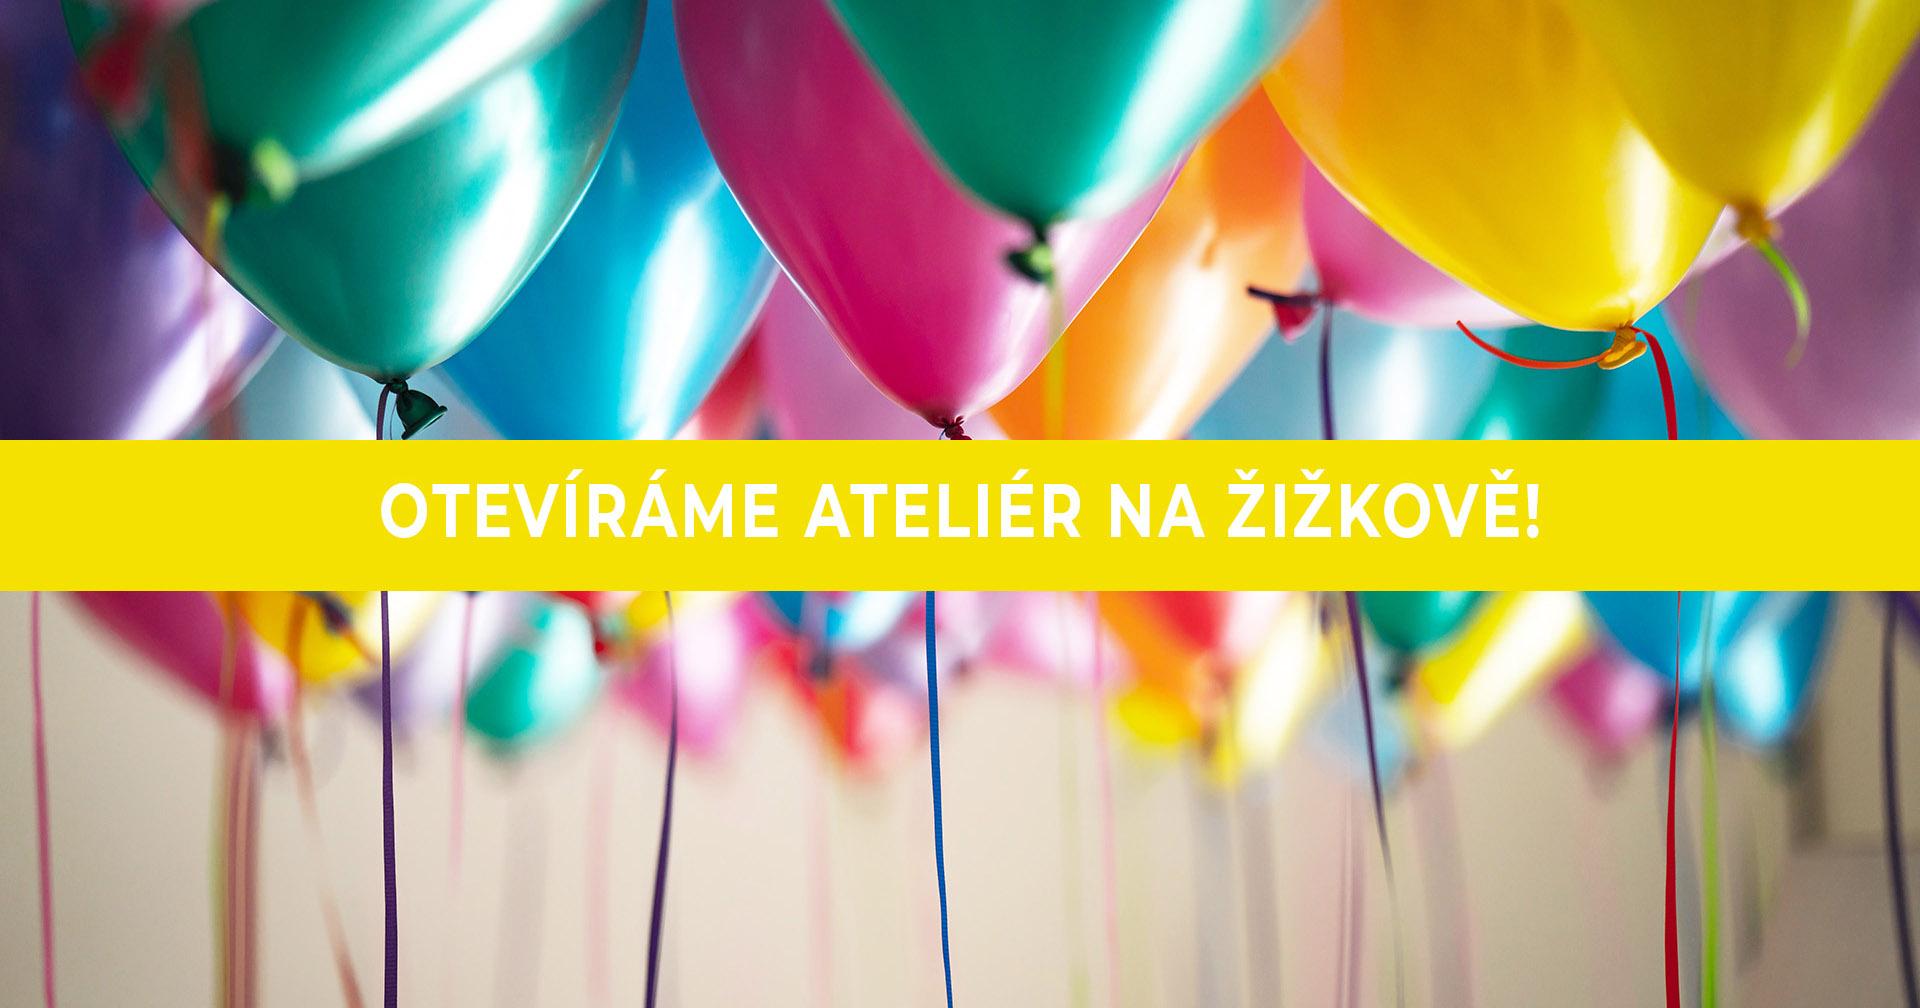 Den otevřených dveří v ateliéru na Žižkově! – 14. 1. 2020 (7:30 – 19:00)